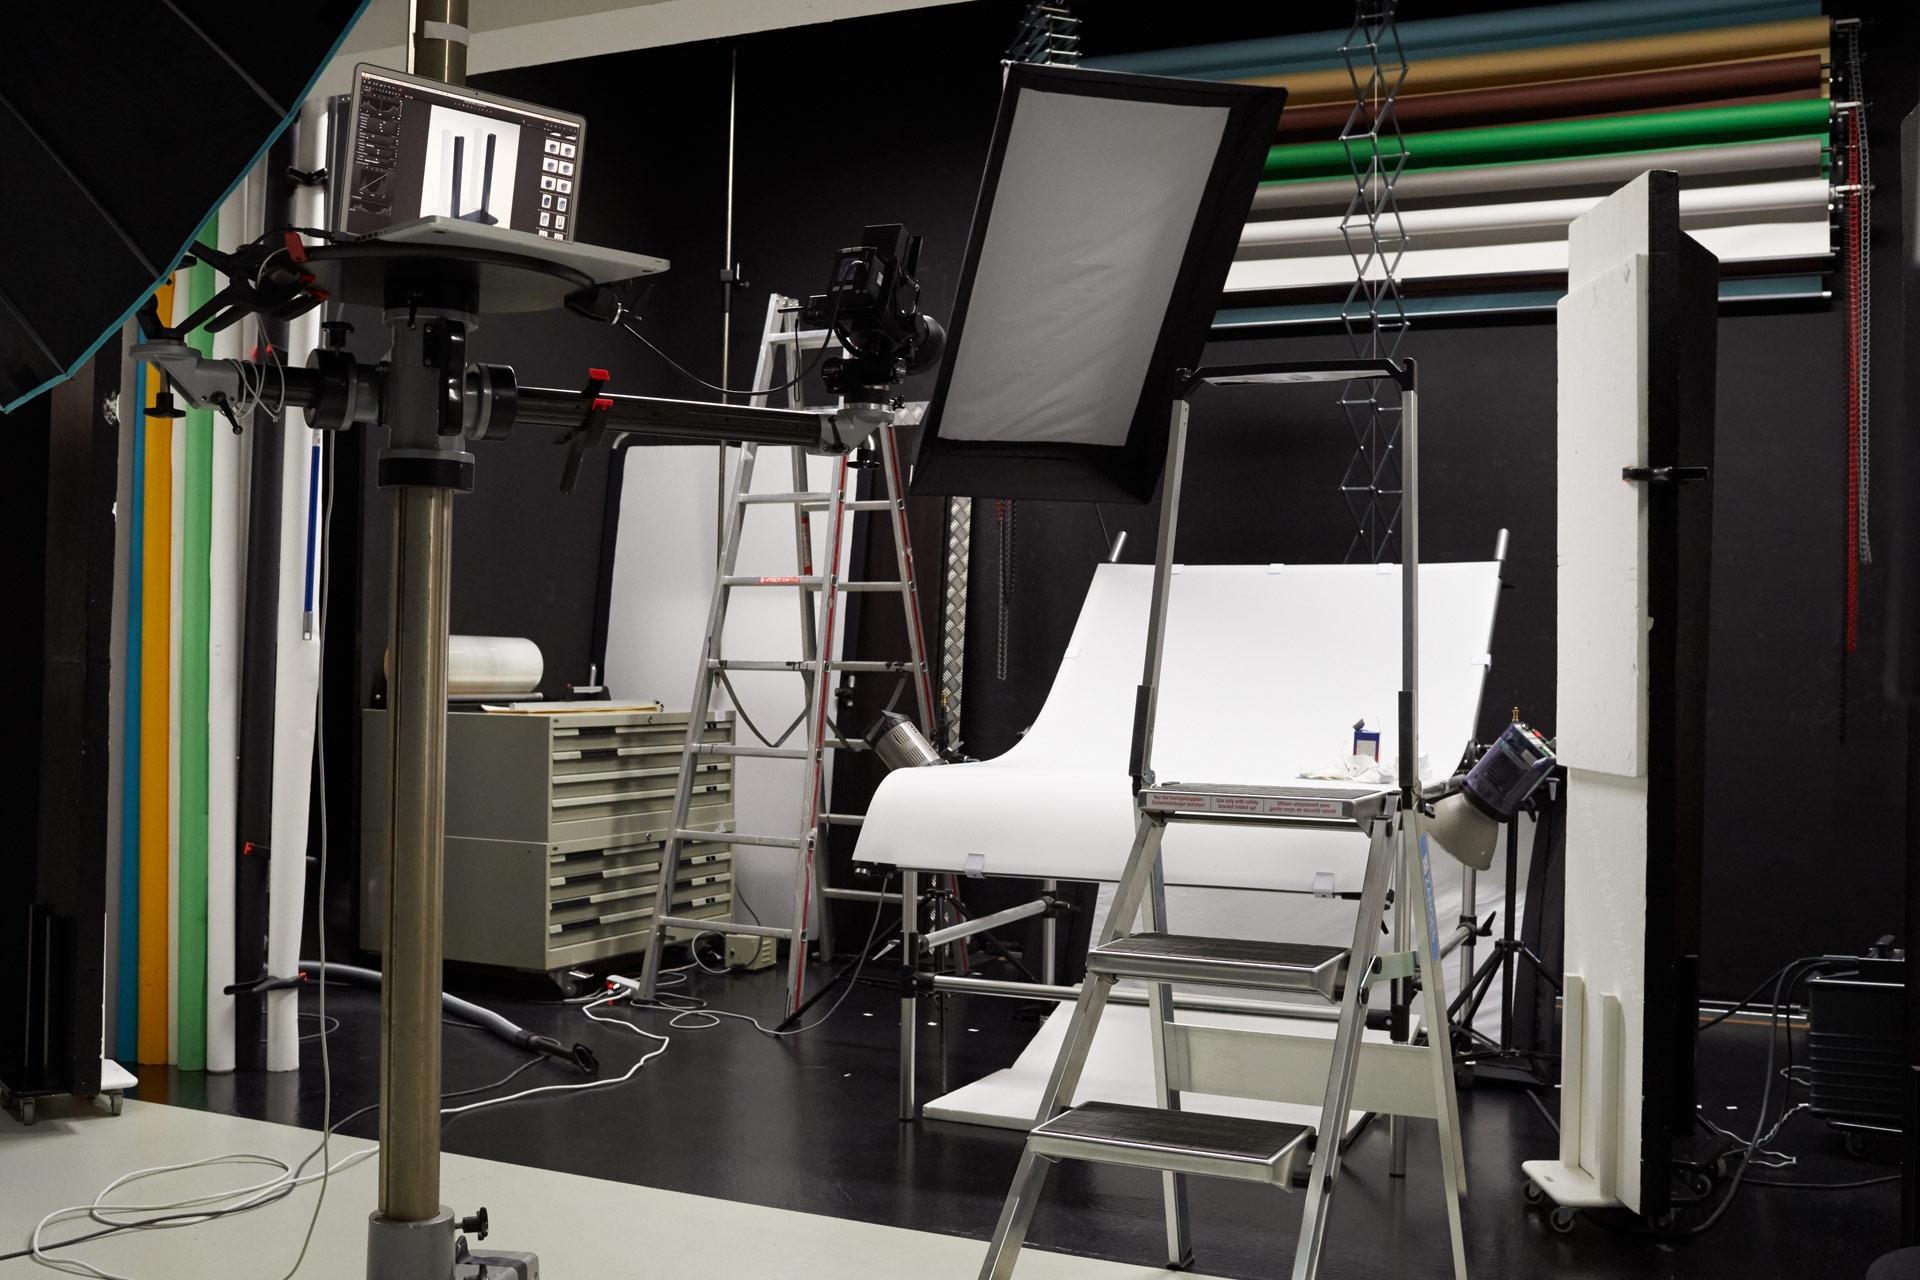 Blick in den dunklen Teil des Studios (schwarze Wände, schwarzer Boden)